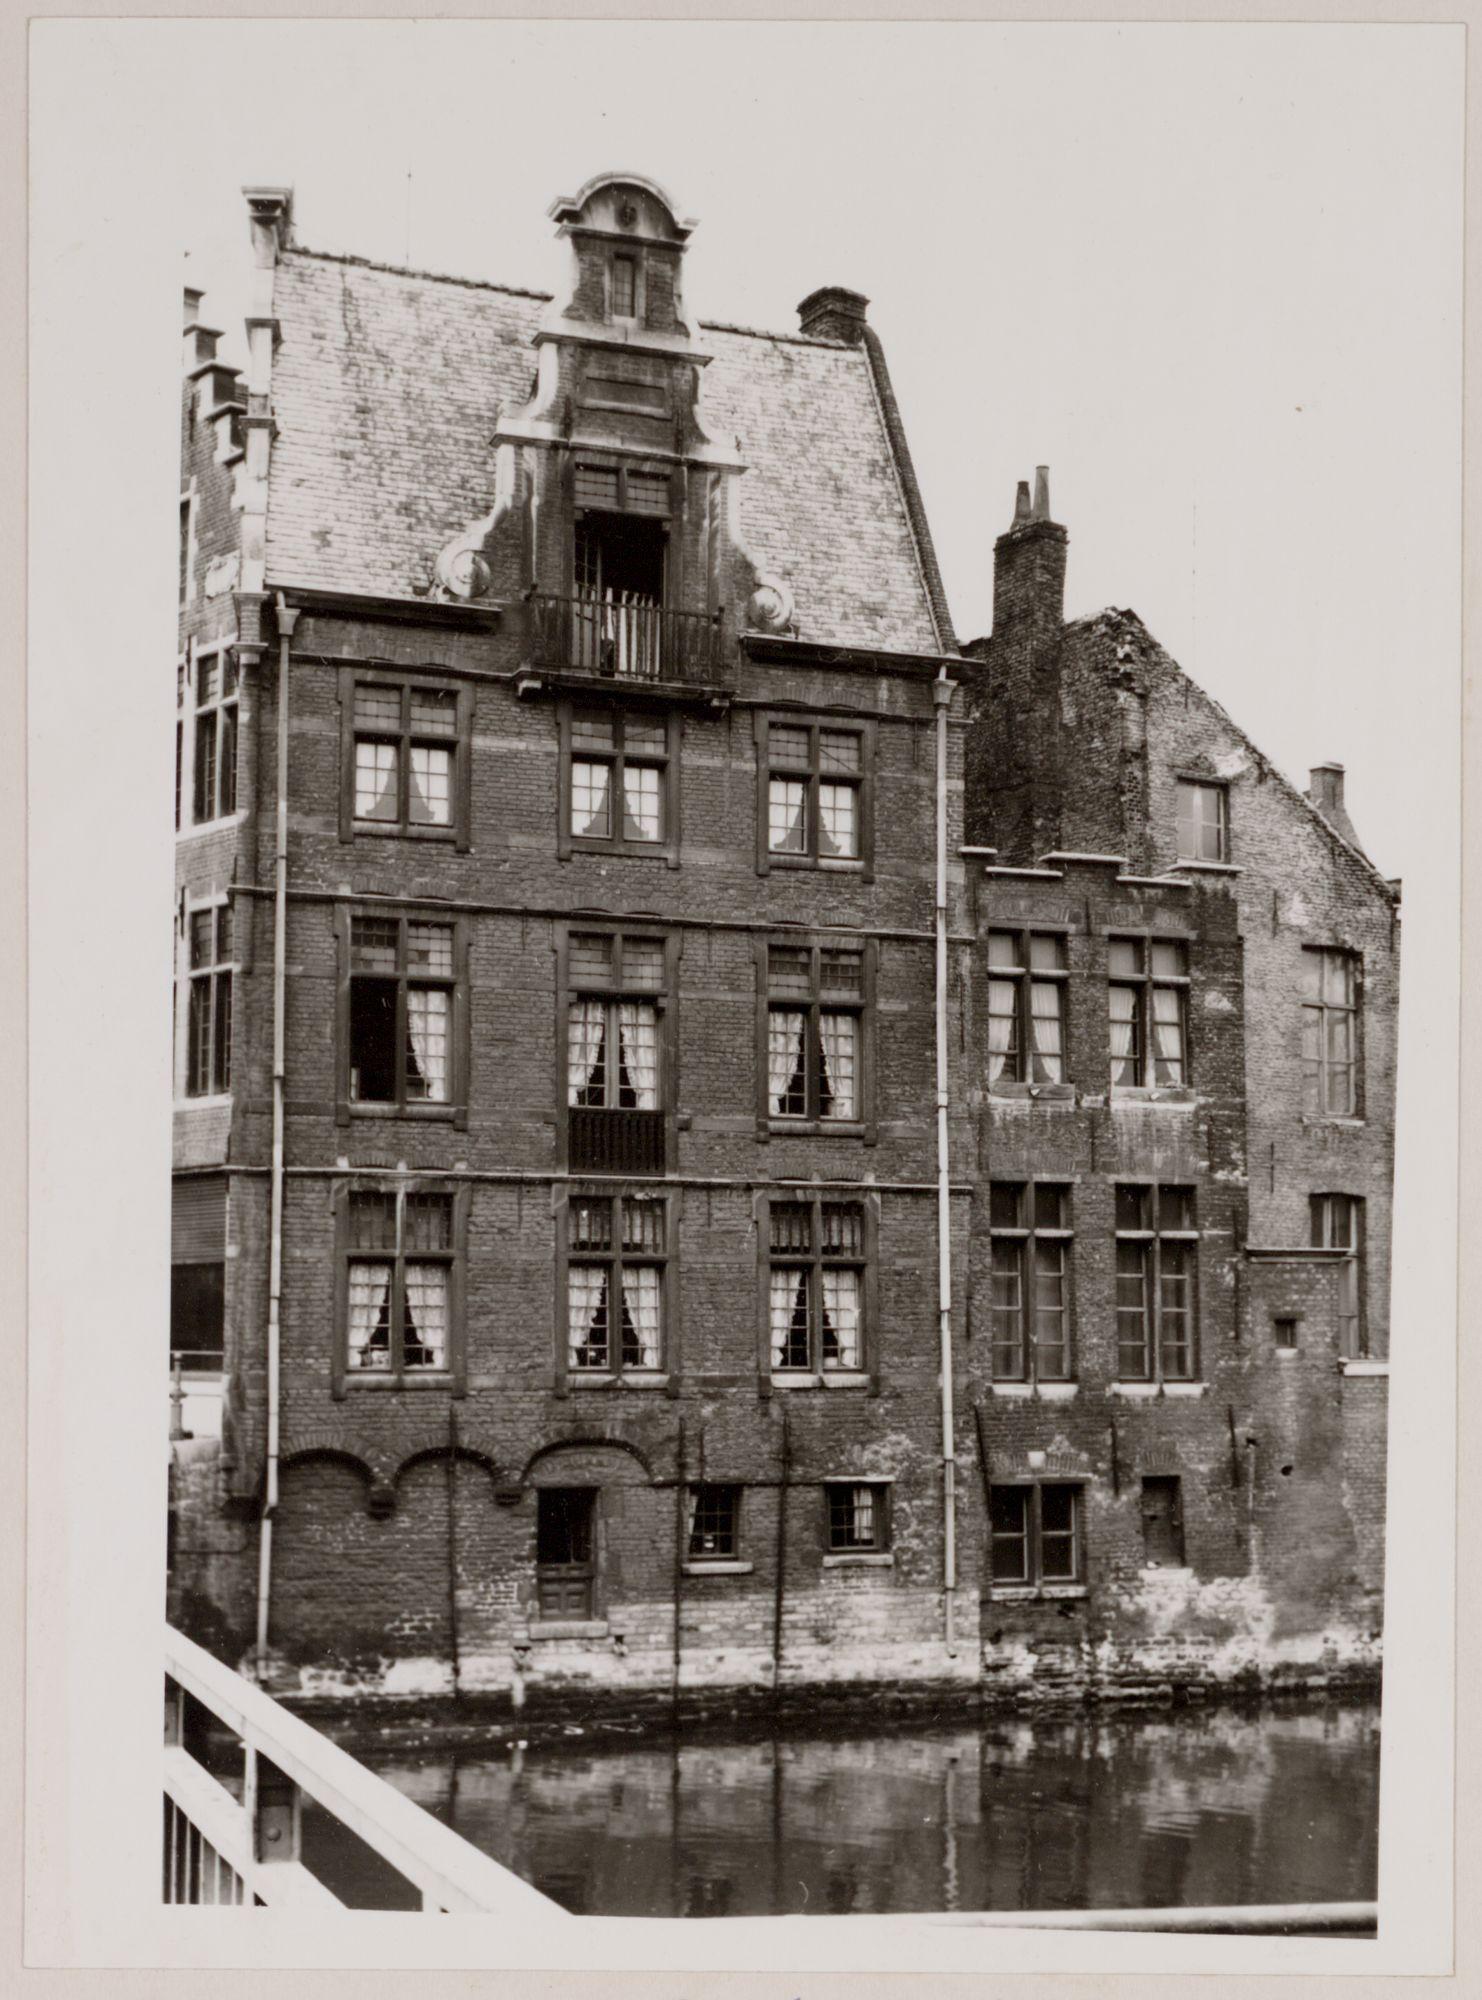 Gent: Leie en zijgevel van Korenlei 1, gezien van de Grasbrug